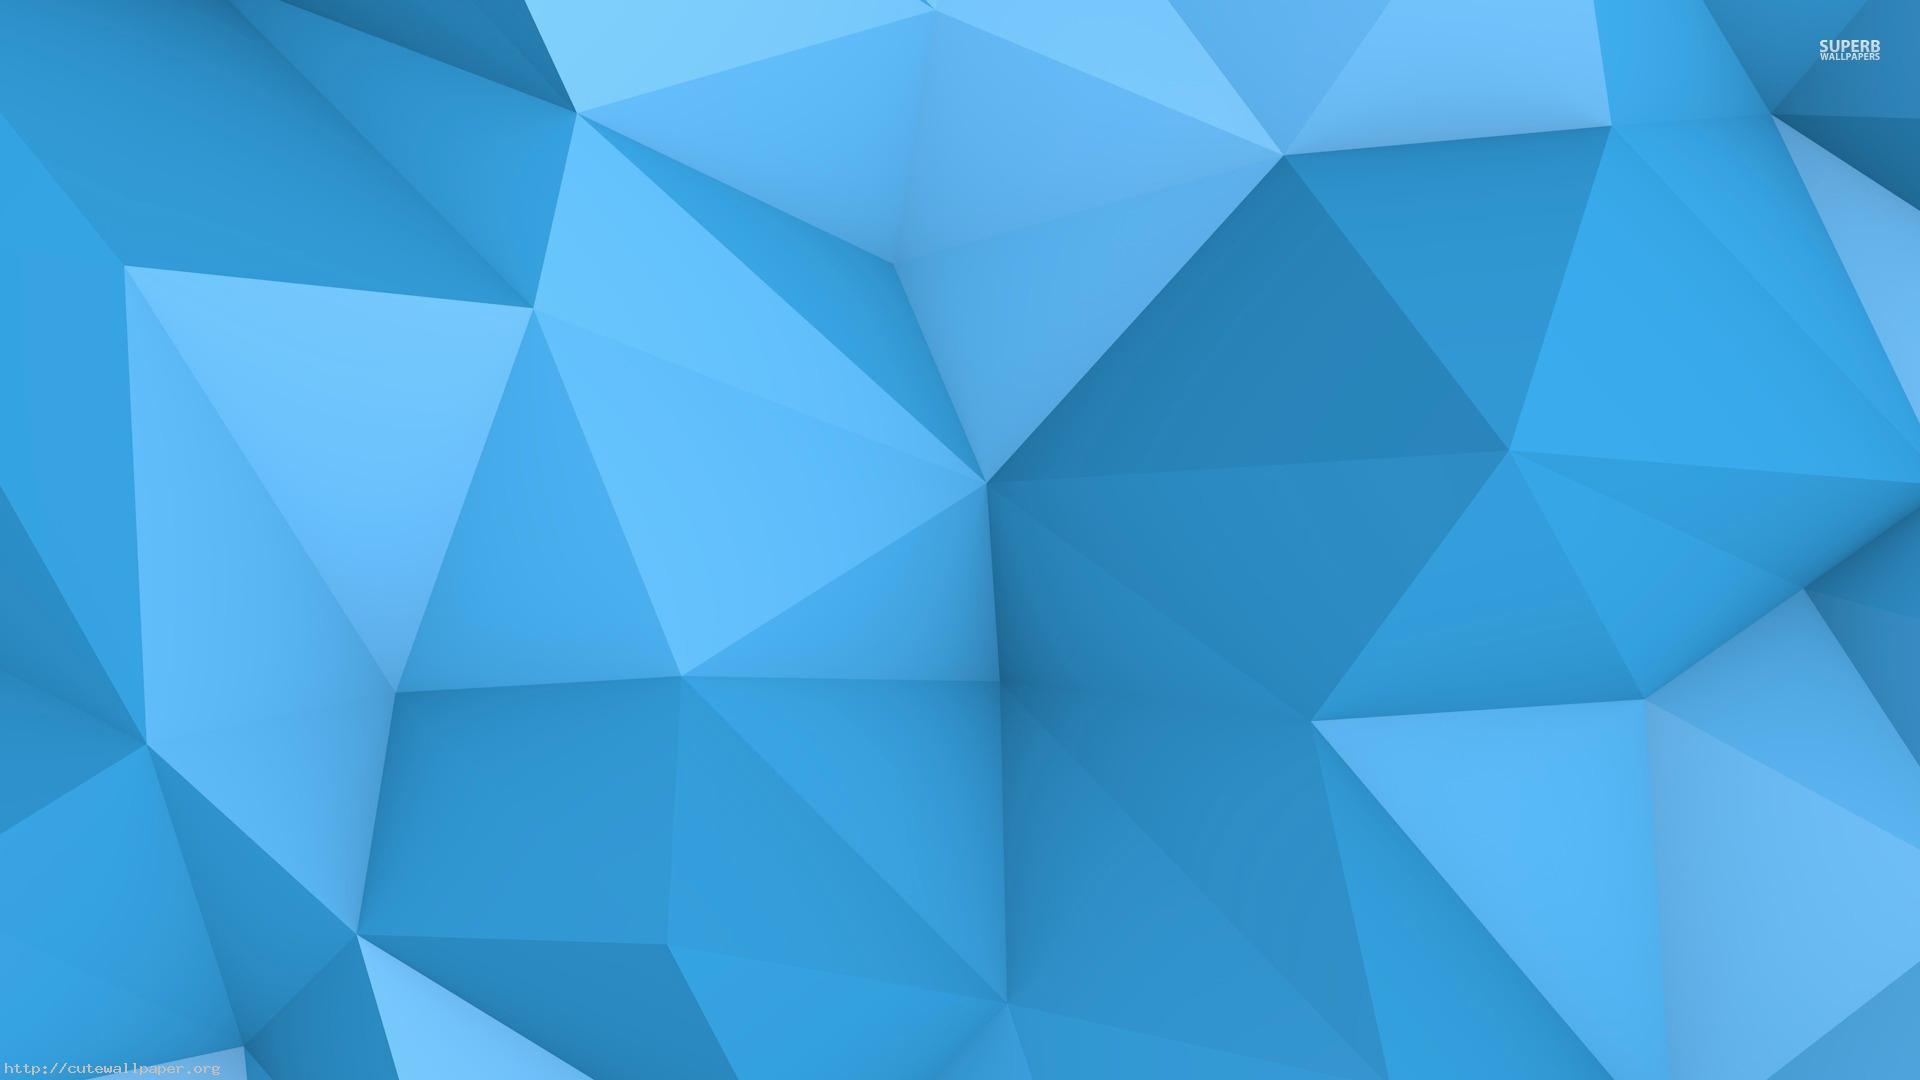 Wallpaper Azul - Os 15 melhores